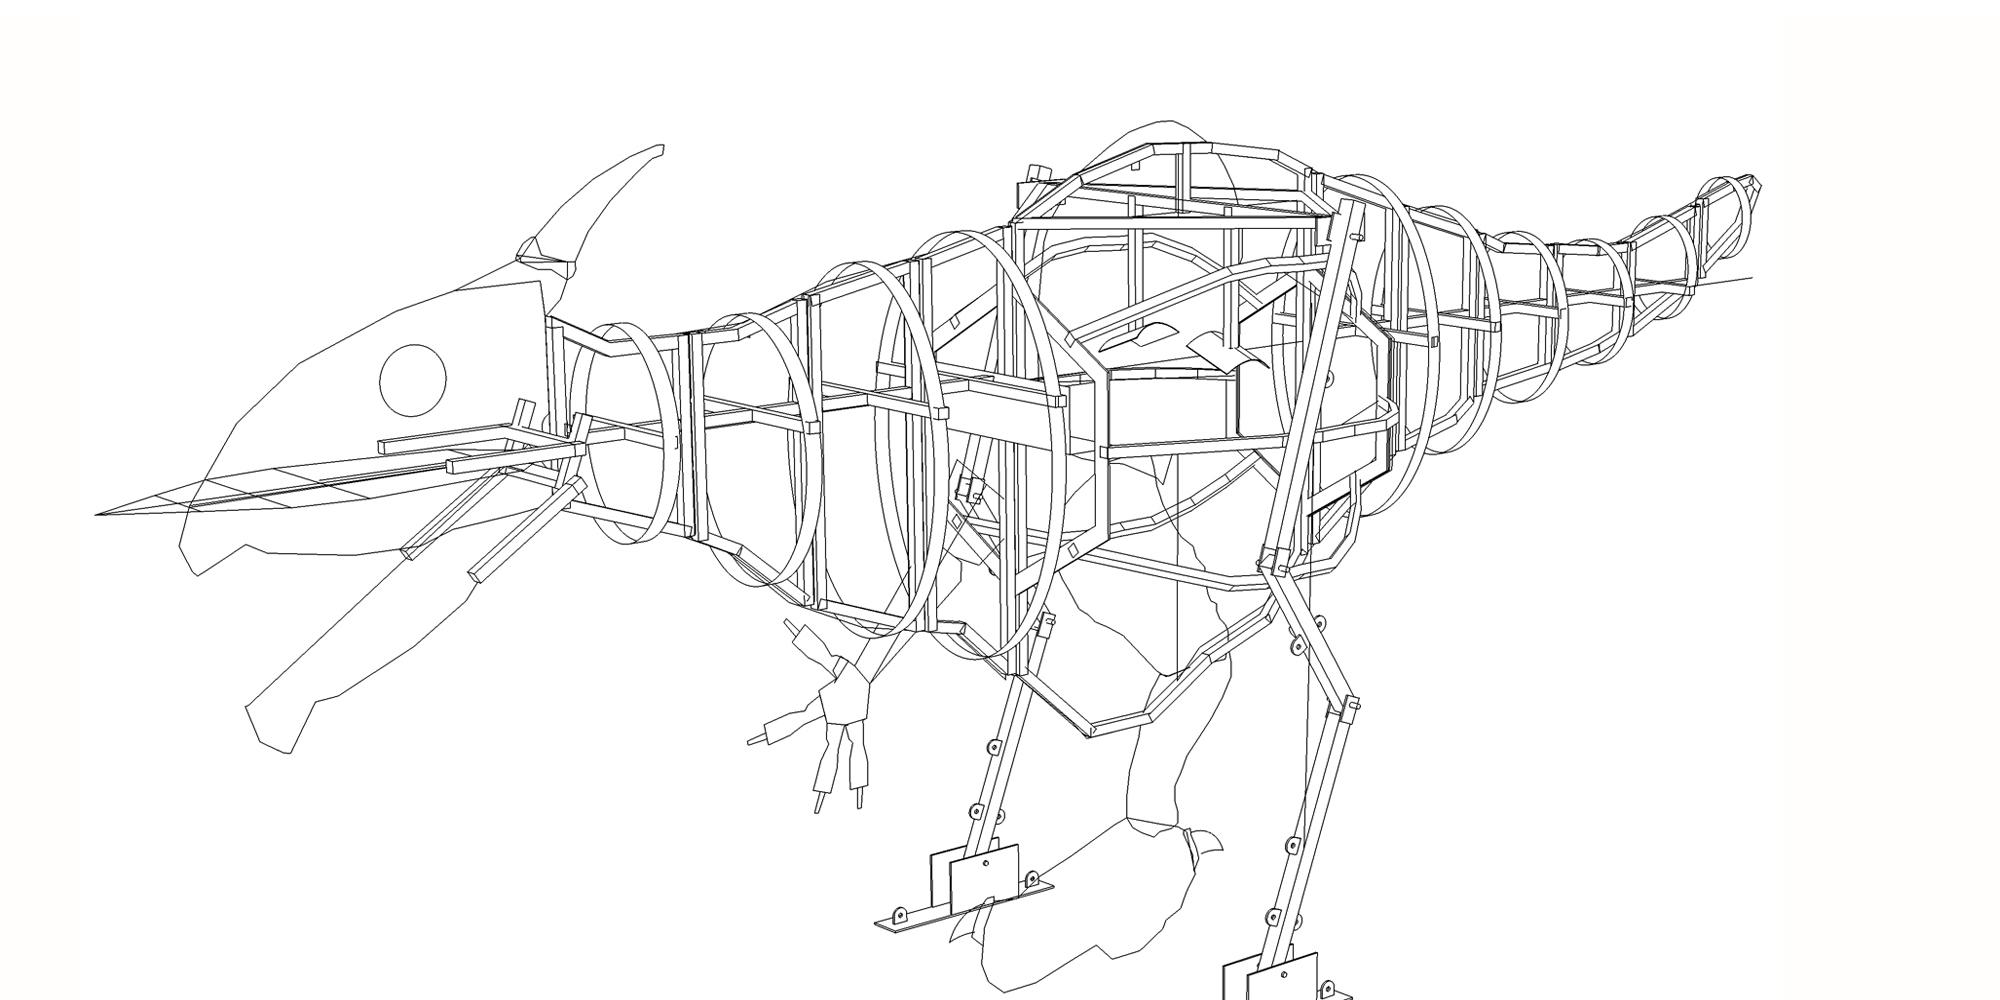 travail préparatoire de création des plans du squelette métallique armature de la sculpture de dragon